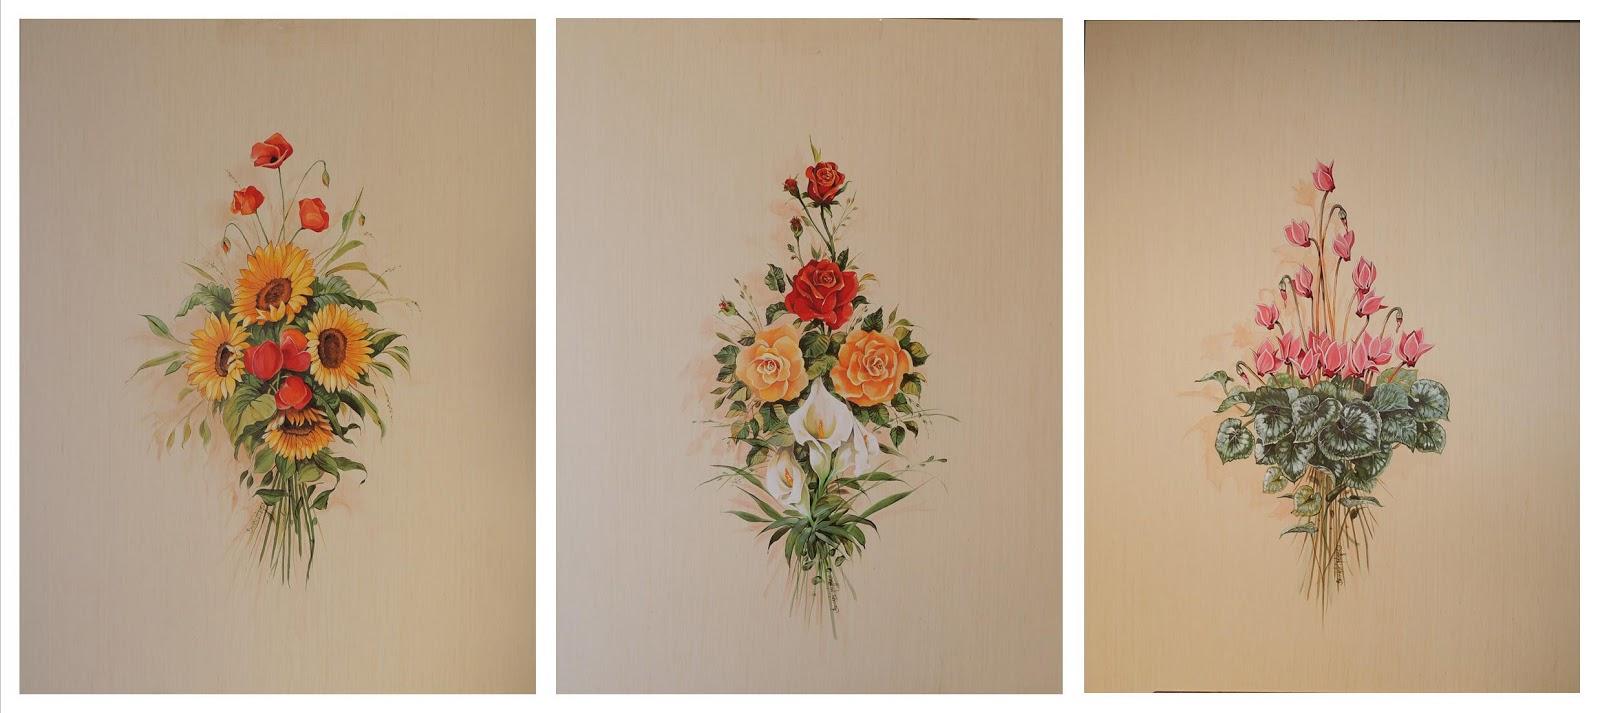 Mimmo beccarisi decorazioni floreali ante armadio a muro - Decorazioni muro ...